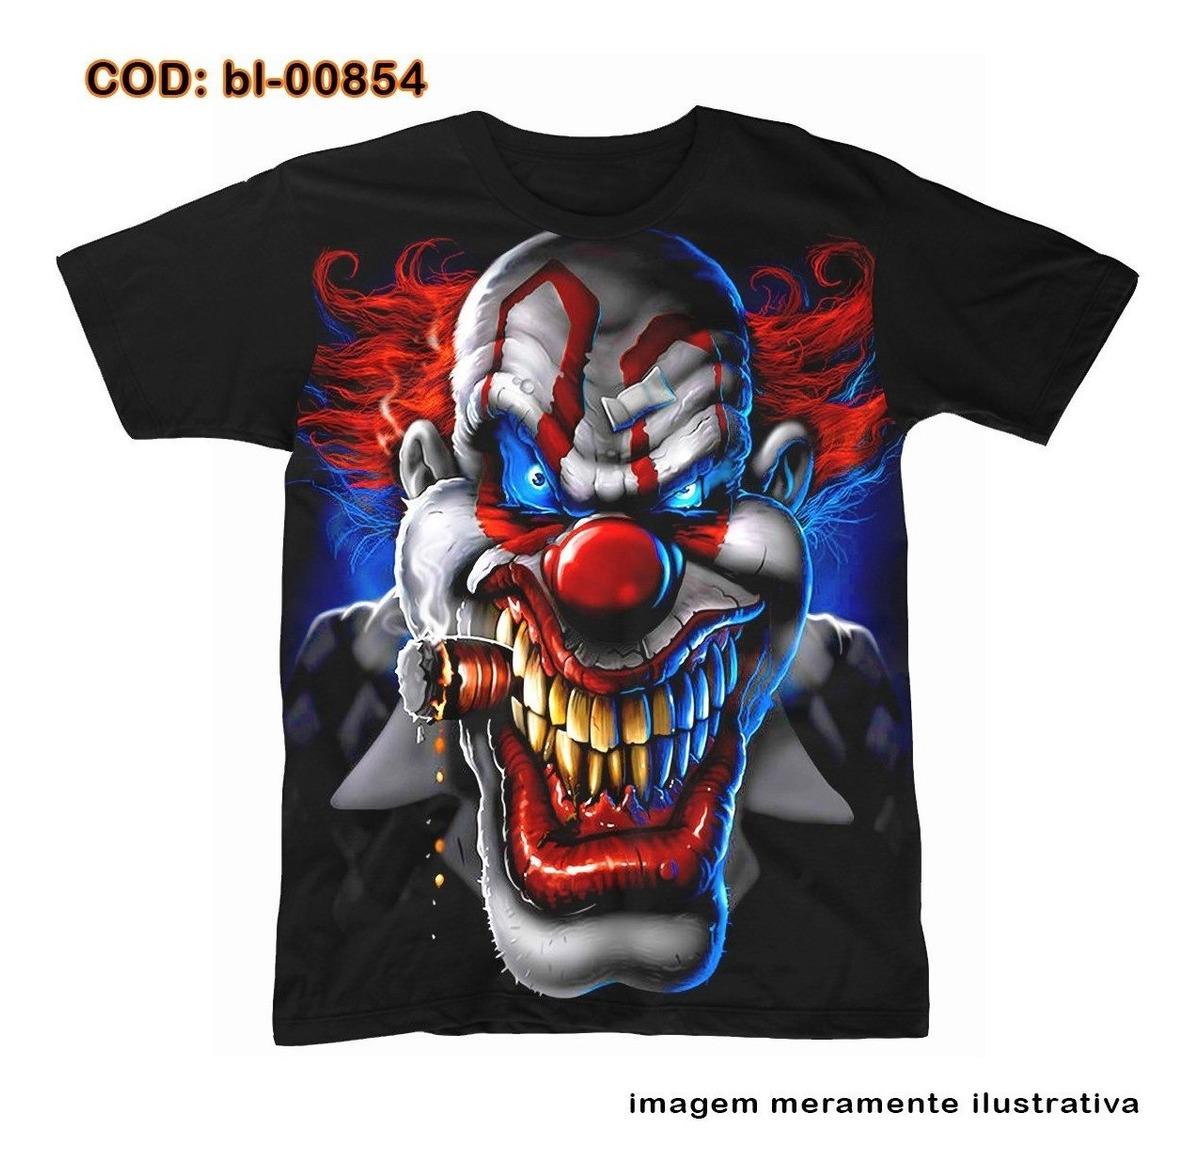 Camiseta Palhaco Gangster 157 R 79 90 Em Mercado Livre